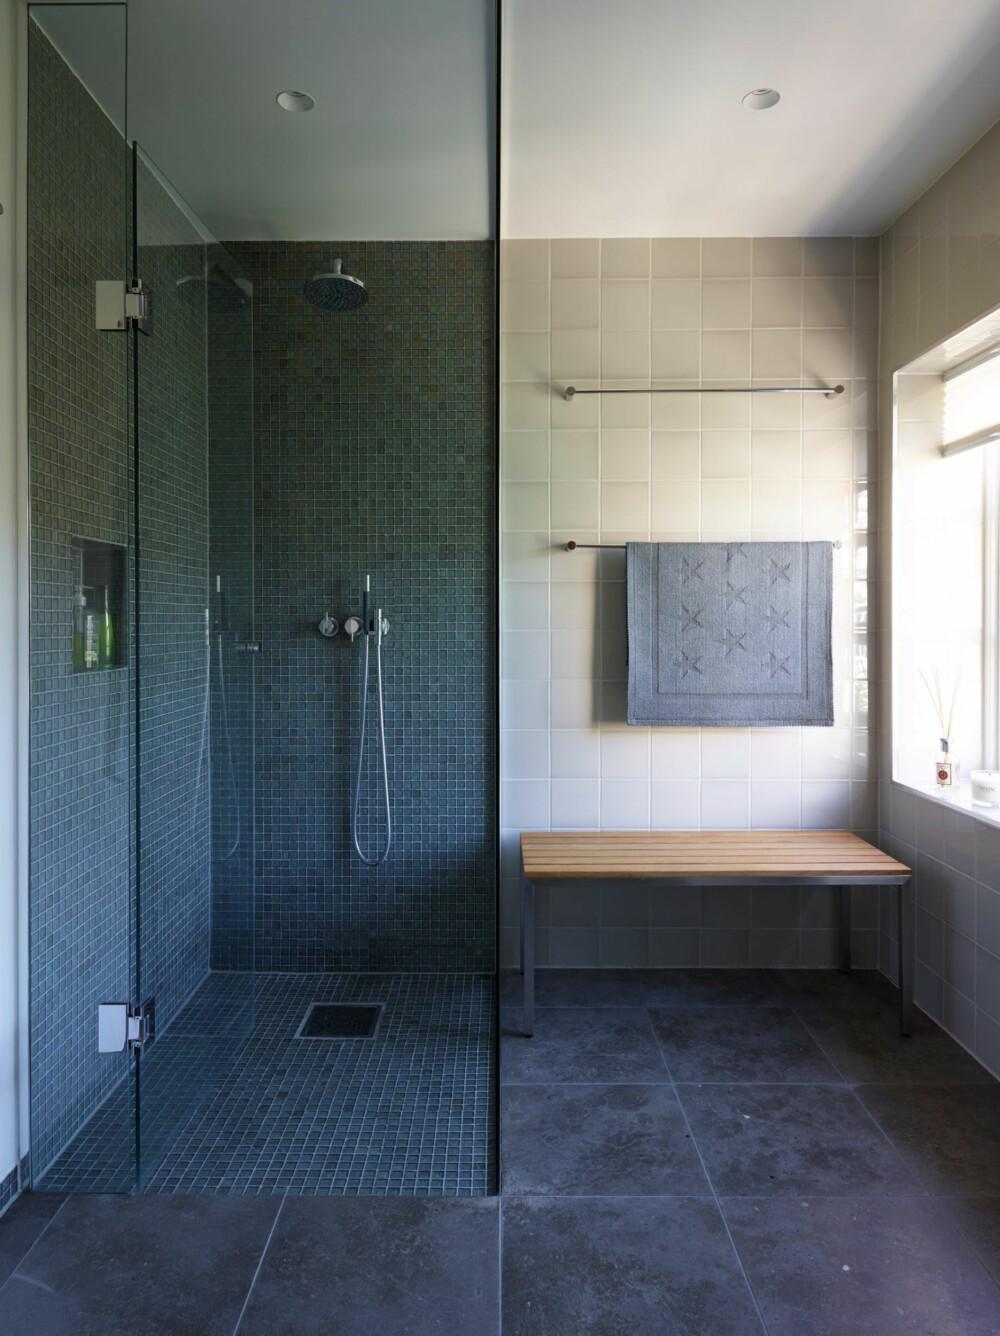 STRAMT: Det nye badet i tilknytning til soverommet har god størrelse og stort dusjhjørne. Flisene på gulvet heter Argent, veggflisene heter Perla Soho, og mosaikkflisene i dusjen heter Marlborough, alt fra Stenprosjekt.